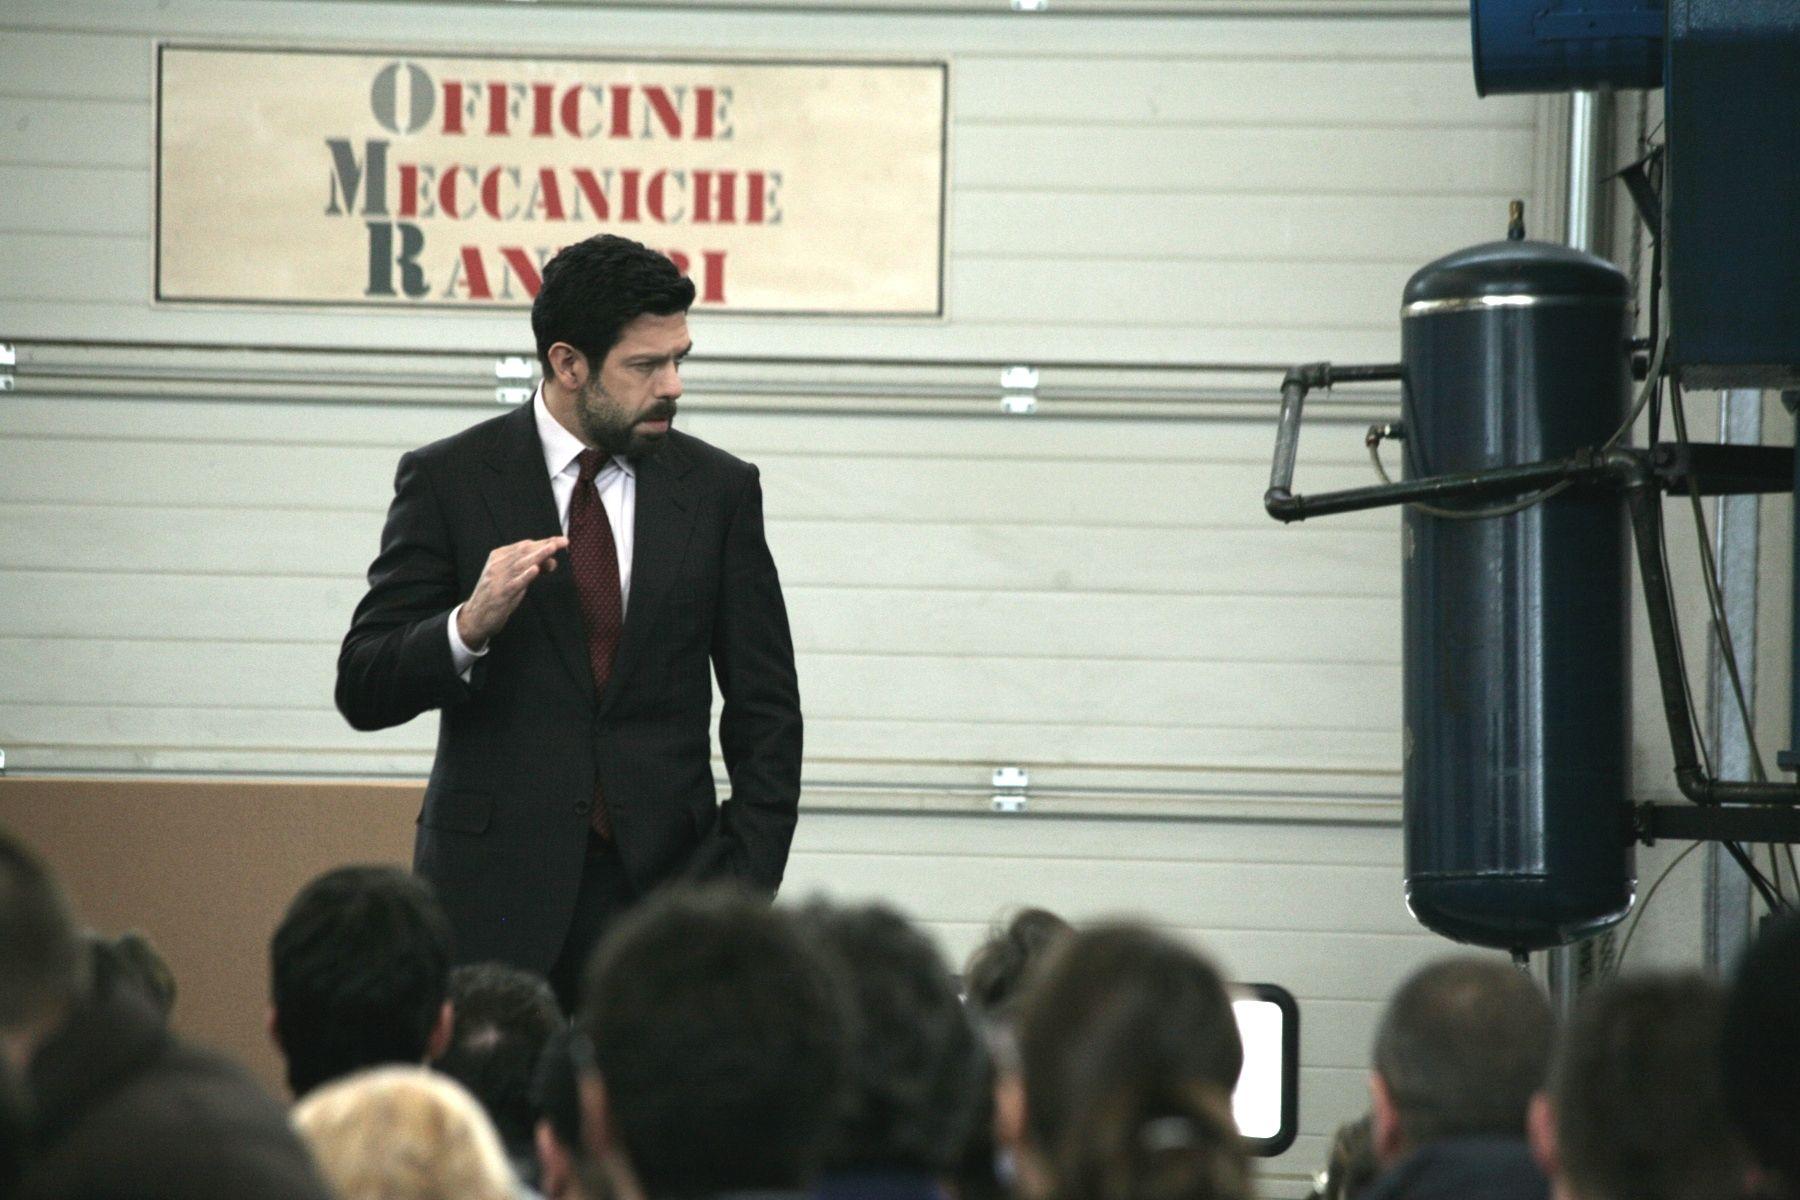 L'Industriale (Quelle: Festival CINEMA! ITALIA!)